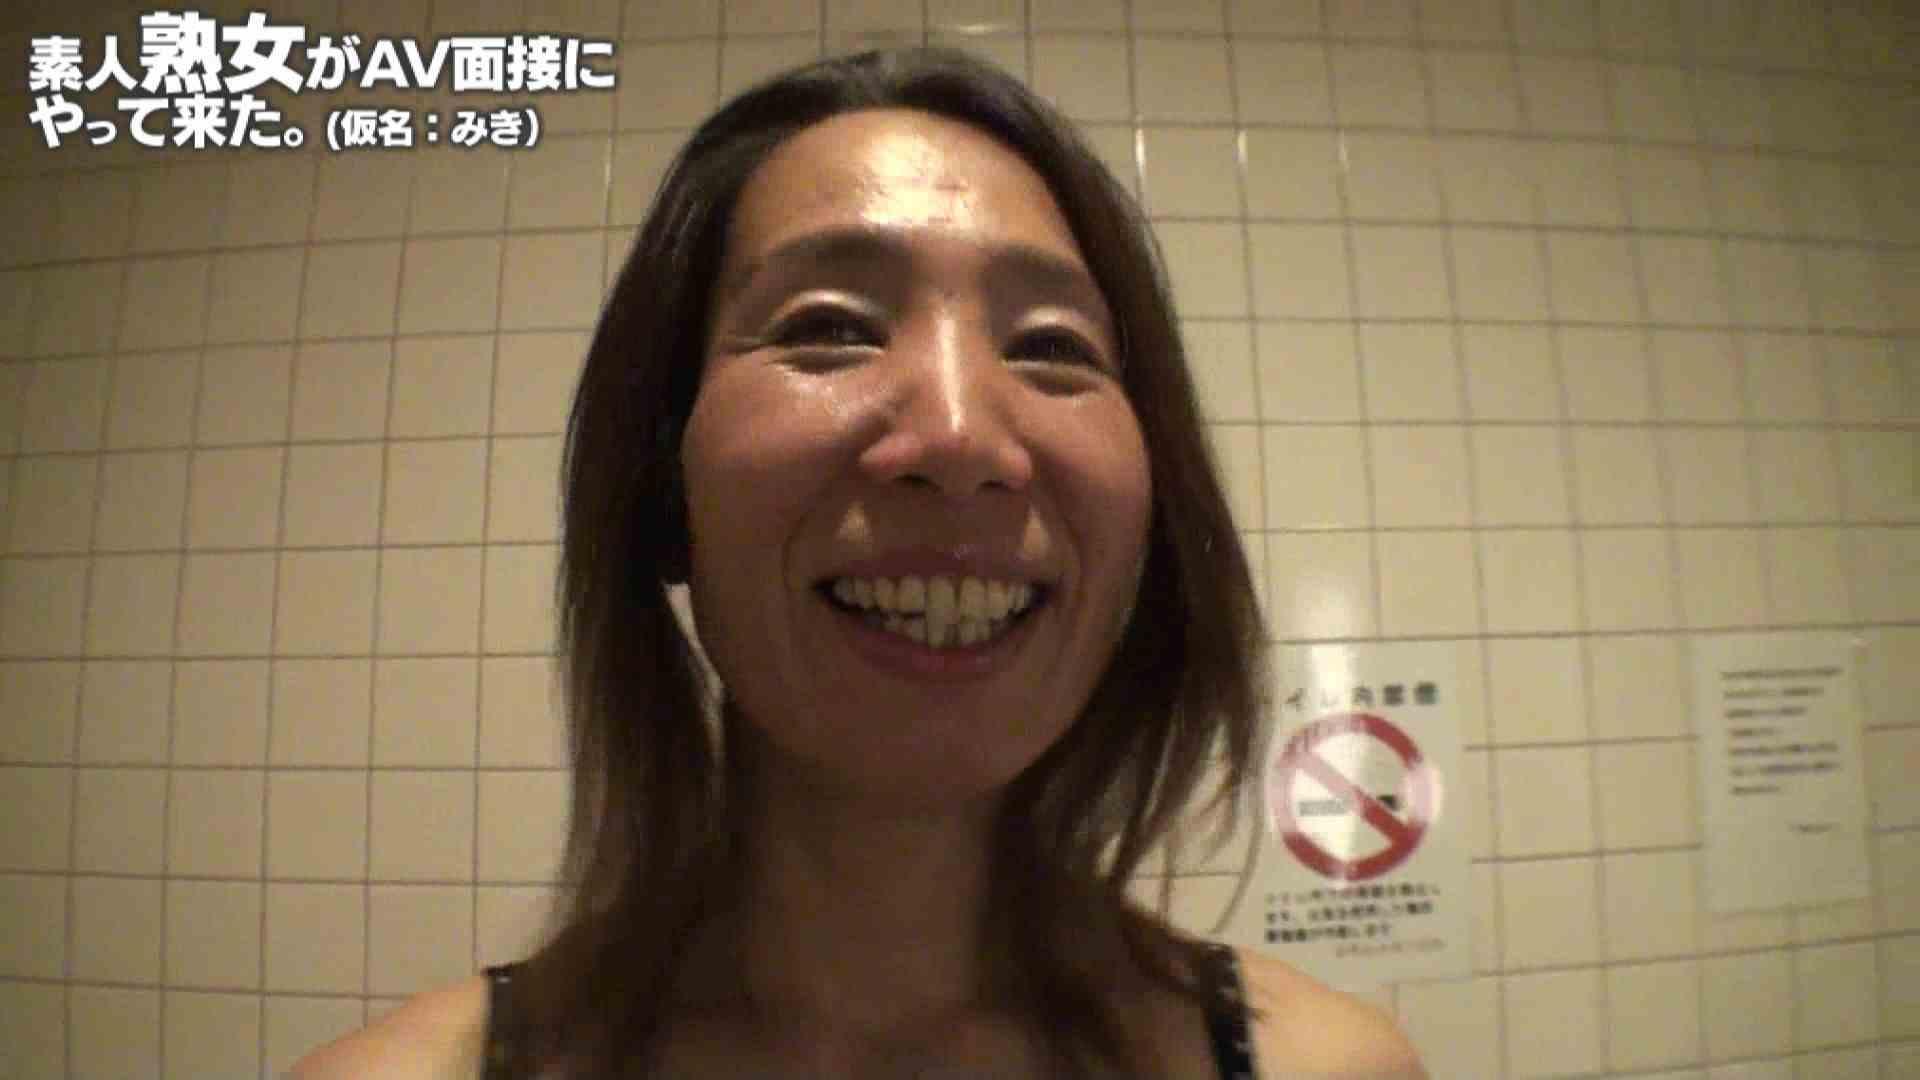 素人熟女がAV面接にやってきた (熟女)みきさんVOL.03 熟女   洗面所着替え  74連発 11